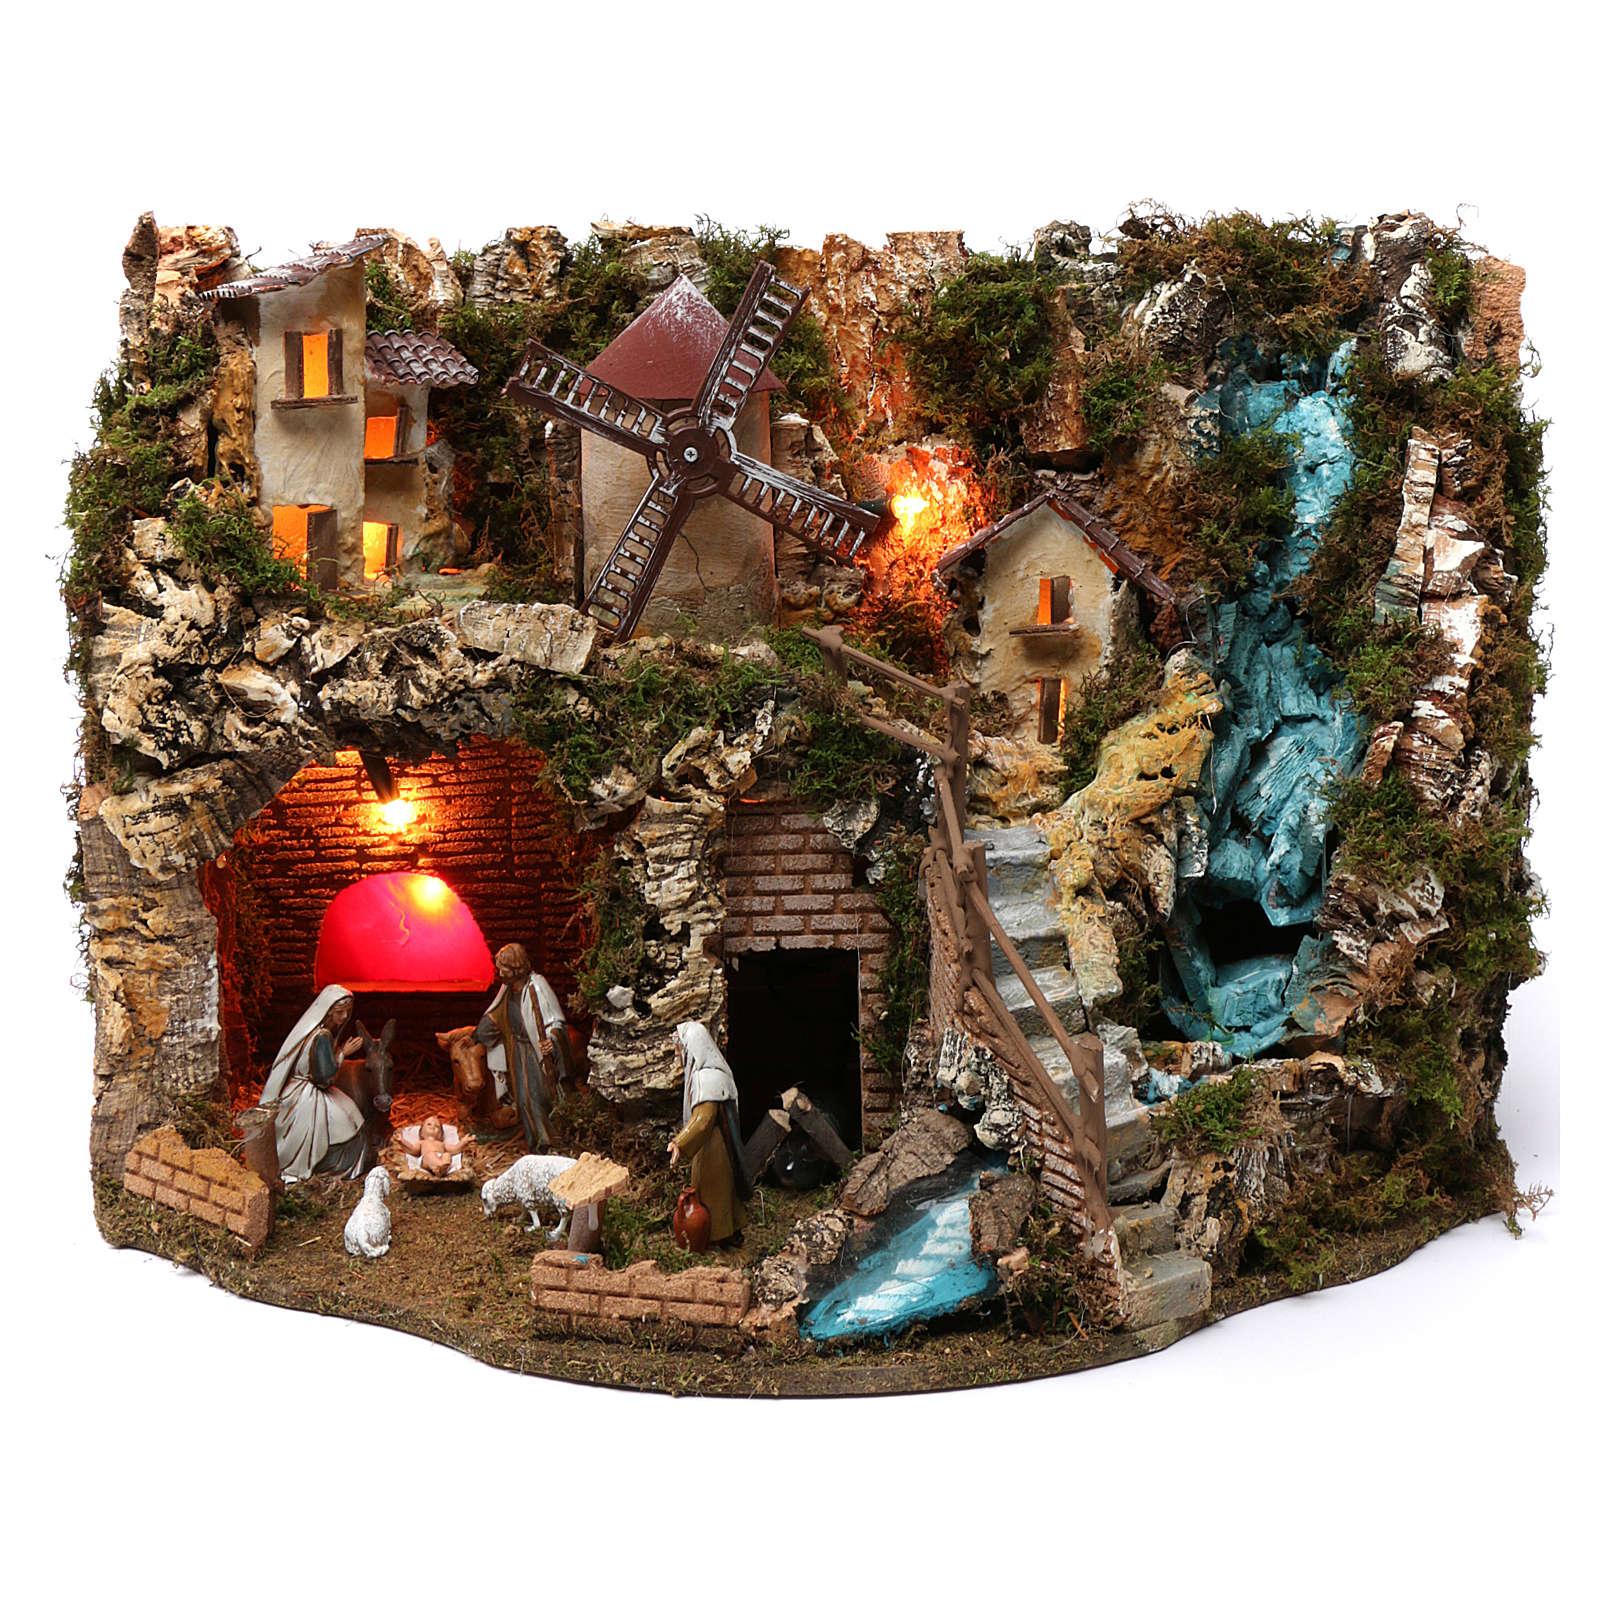 Villaggio cascata fuoco mulino luci natività e personaggi 40X60X40 cm figure 9-10 cm 4